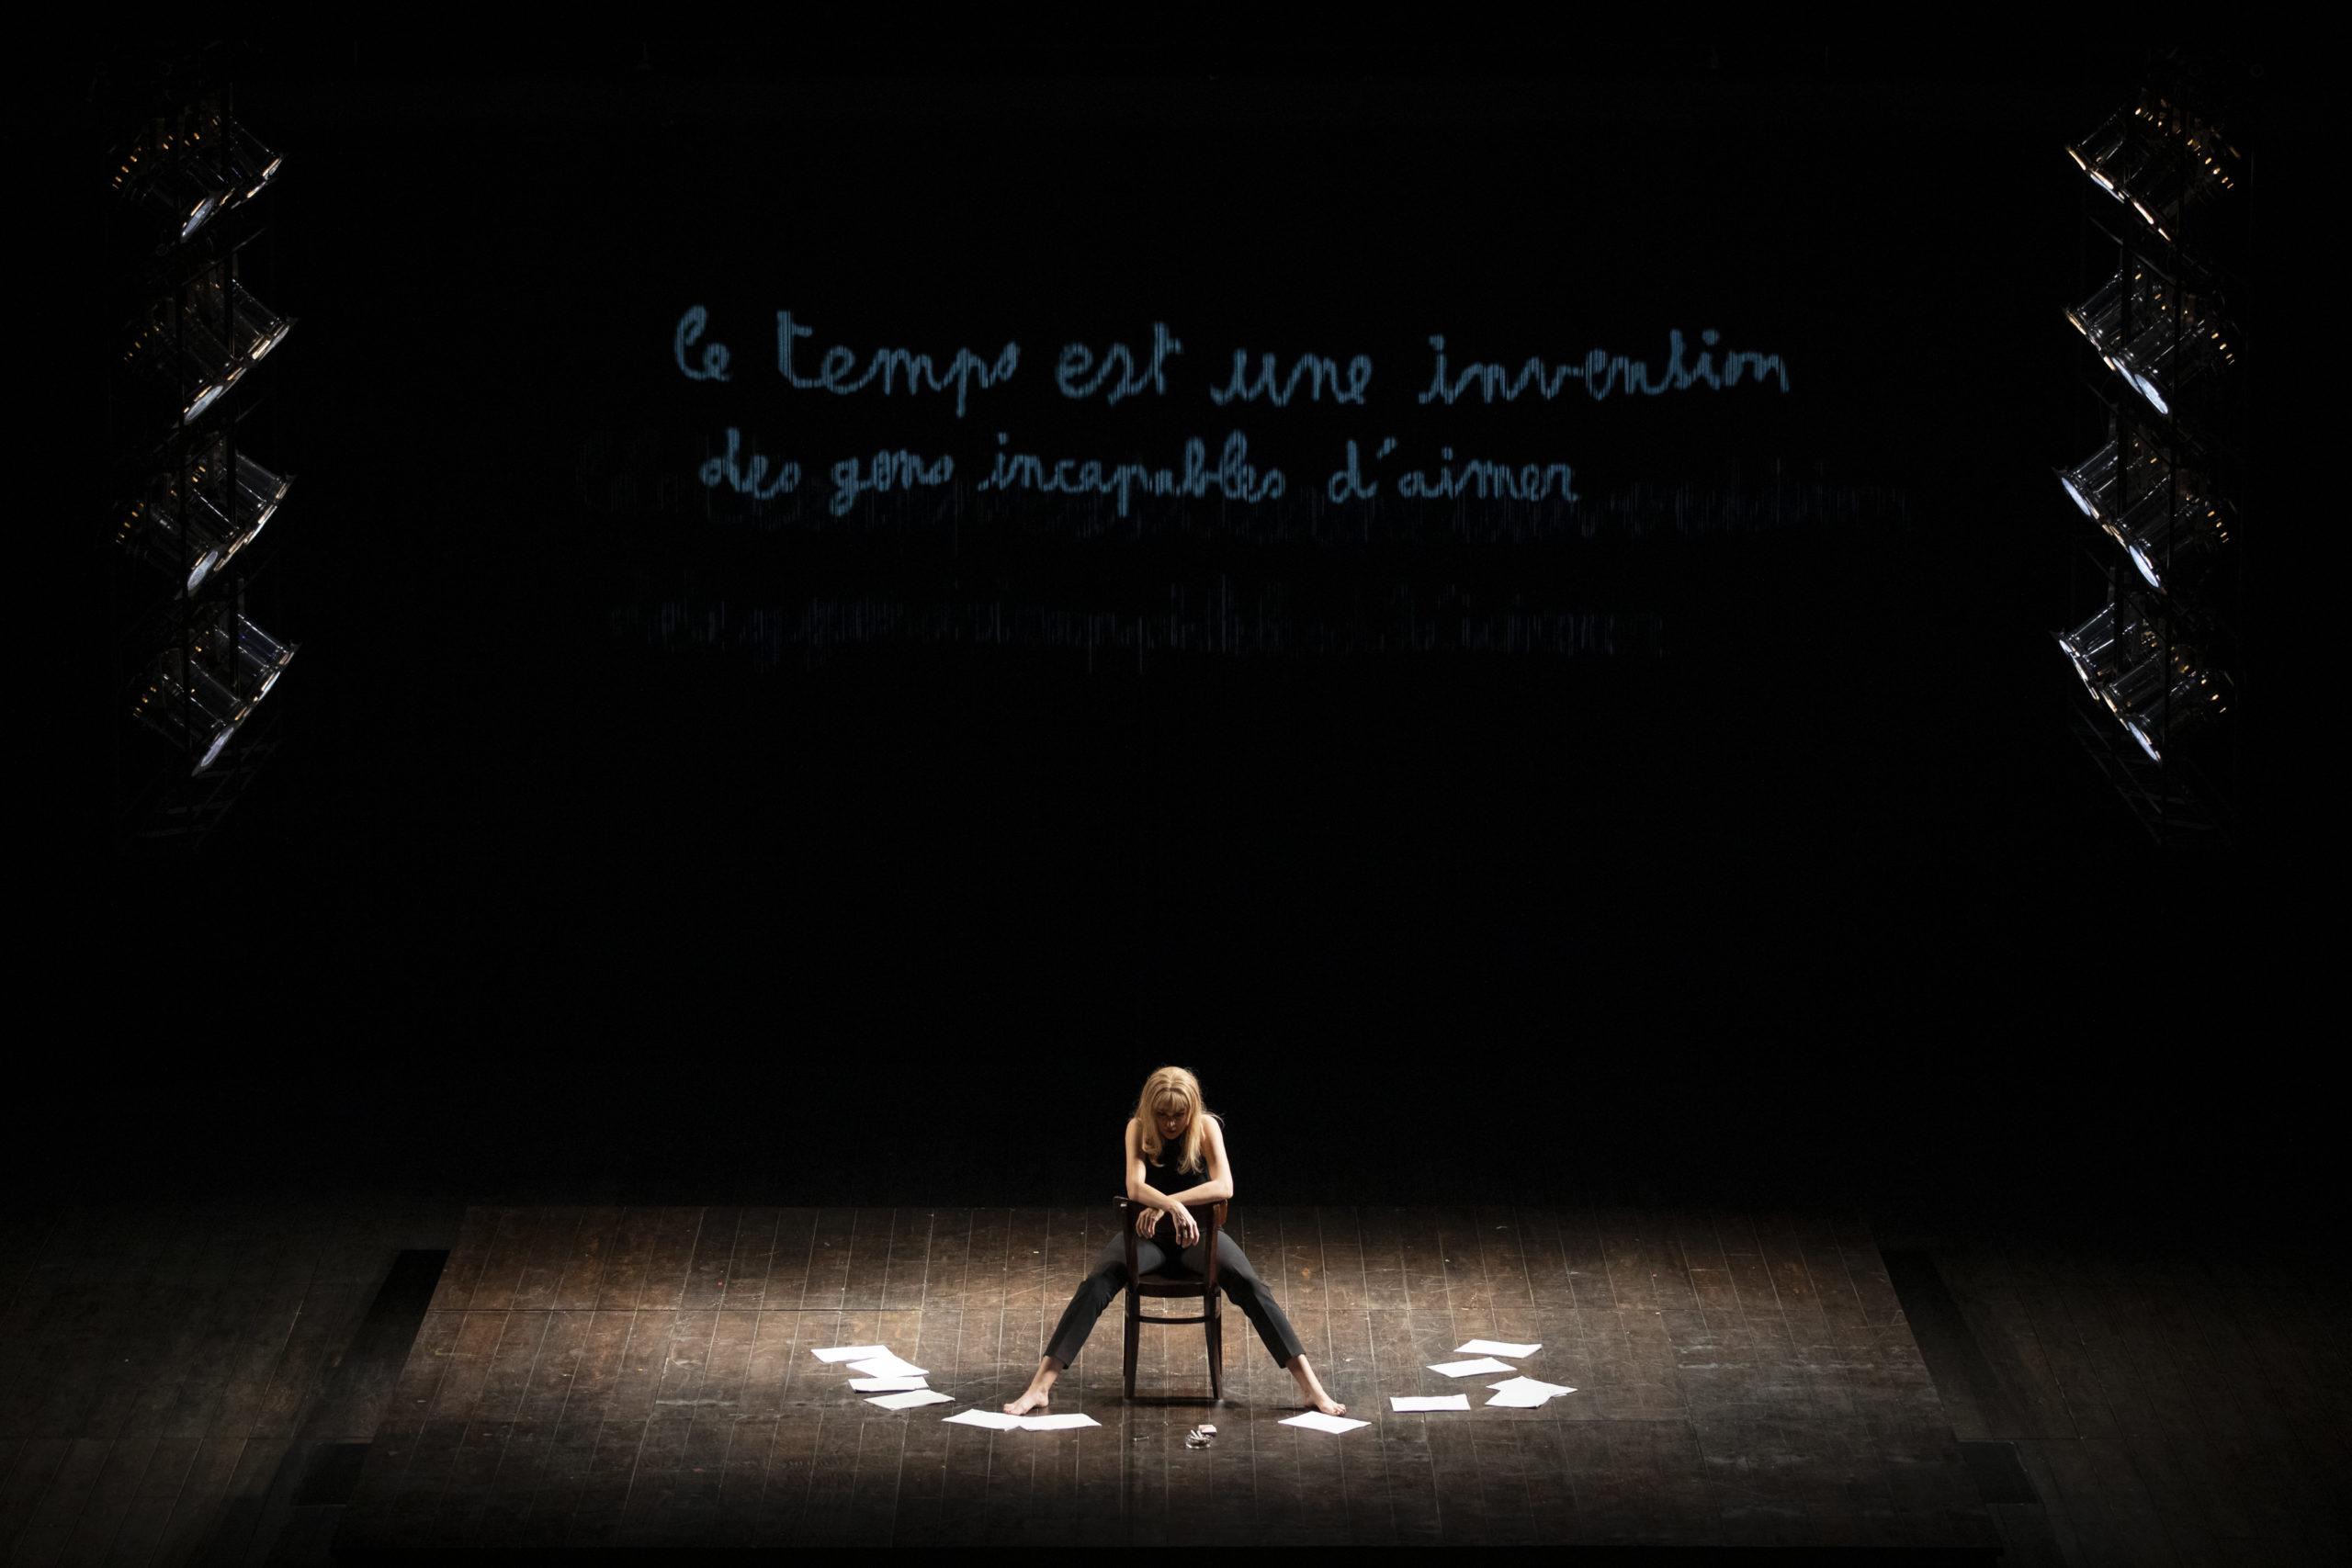 Adriana_Lecouvreur_2021-02-06_5D4_5358_© Andrea Ranzi (Casaluci Ranzi)